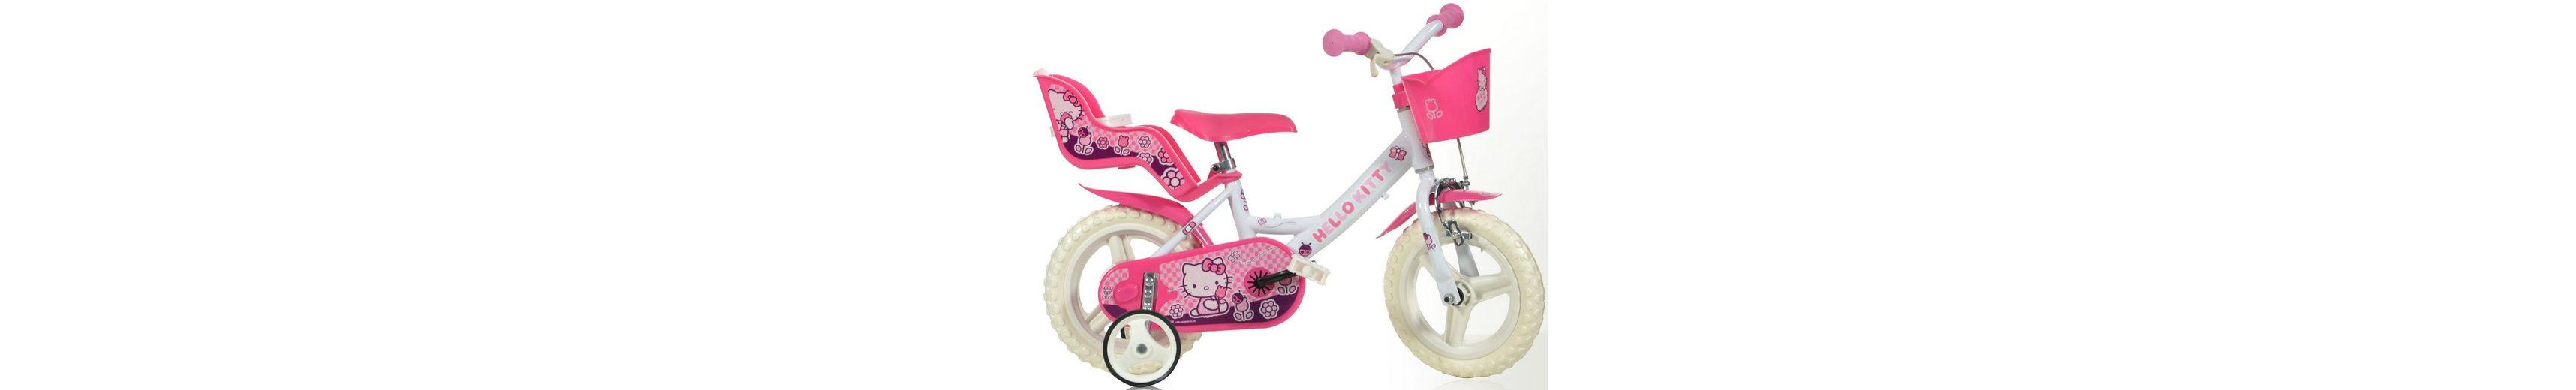 Kinderrad, mit Lenkerkorb + Puppensitz, in 12 Zoll »Hello Kitty«